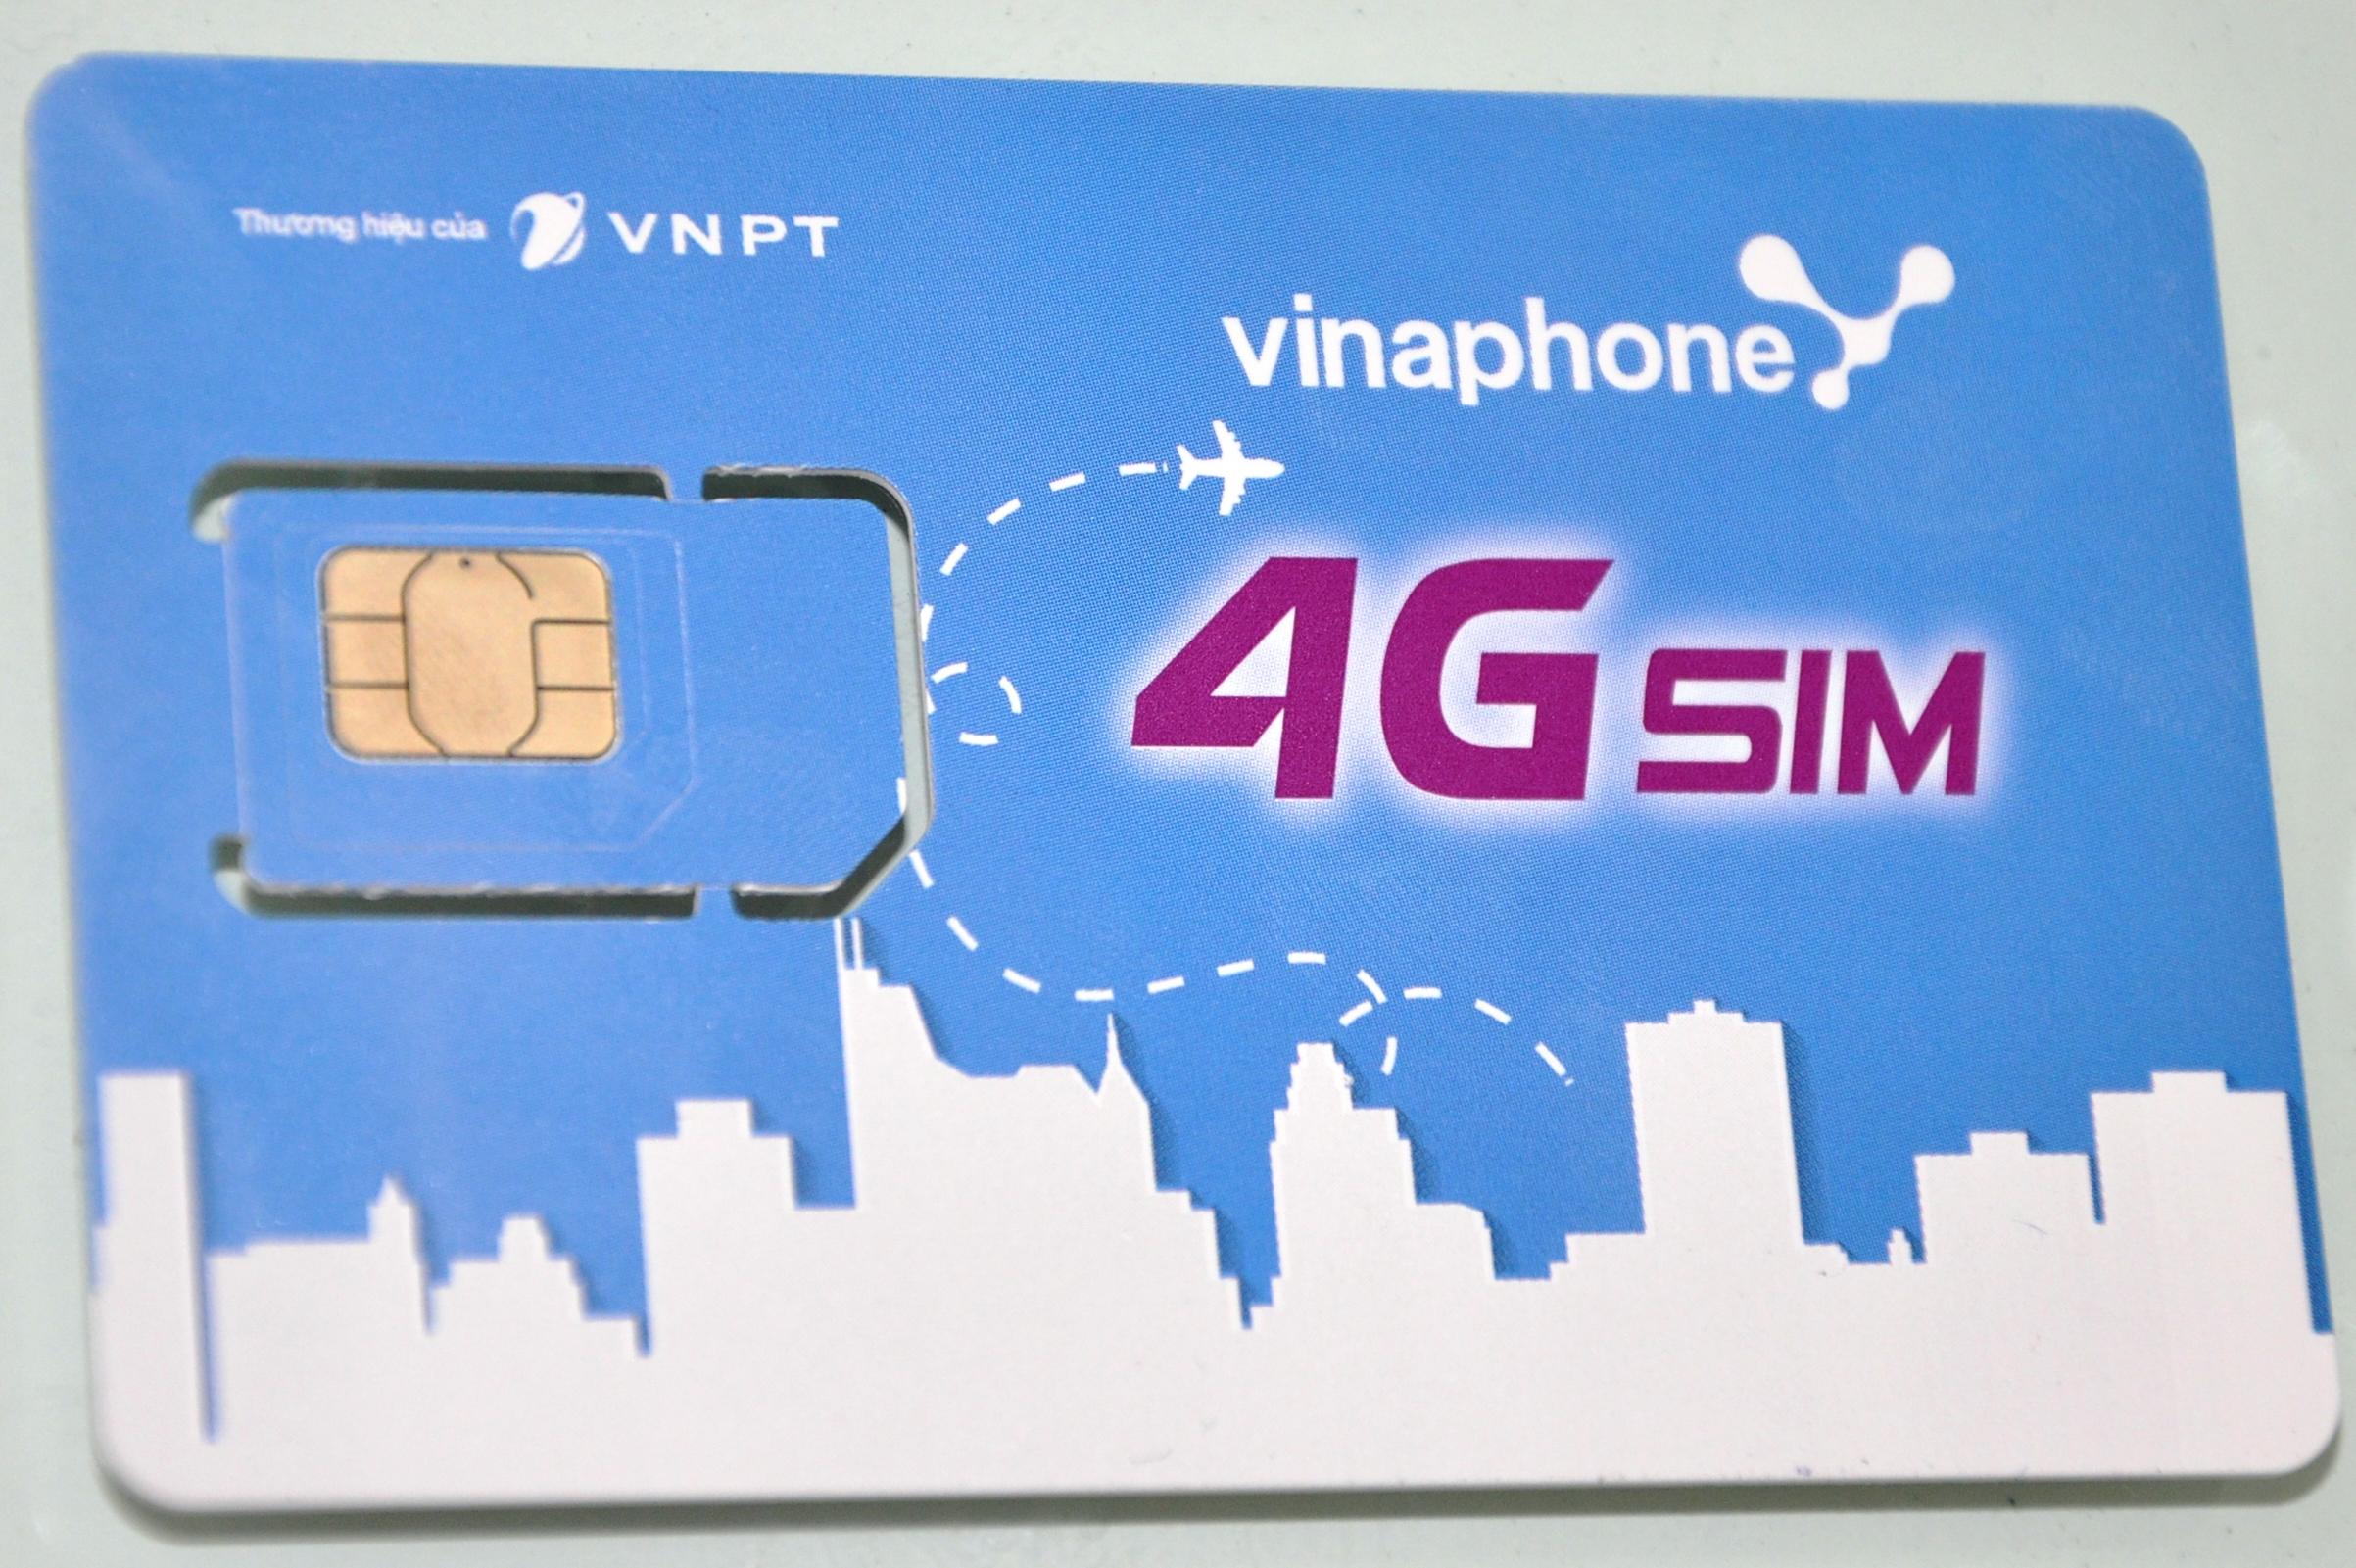 Hướng dẫn cài đặt 4G Vinaphone, cấu hình 4G LTE cho điện thoại